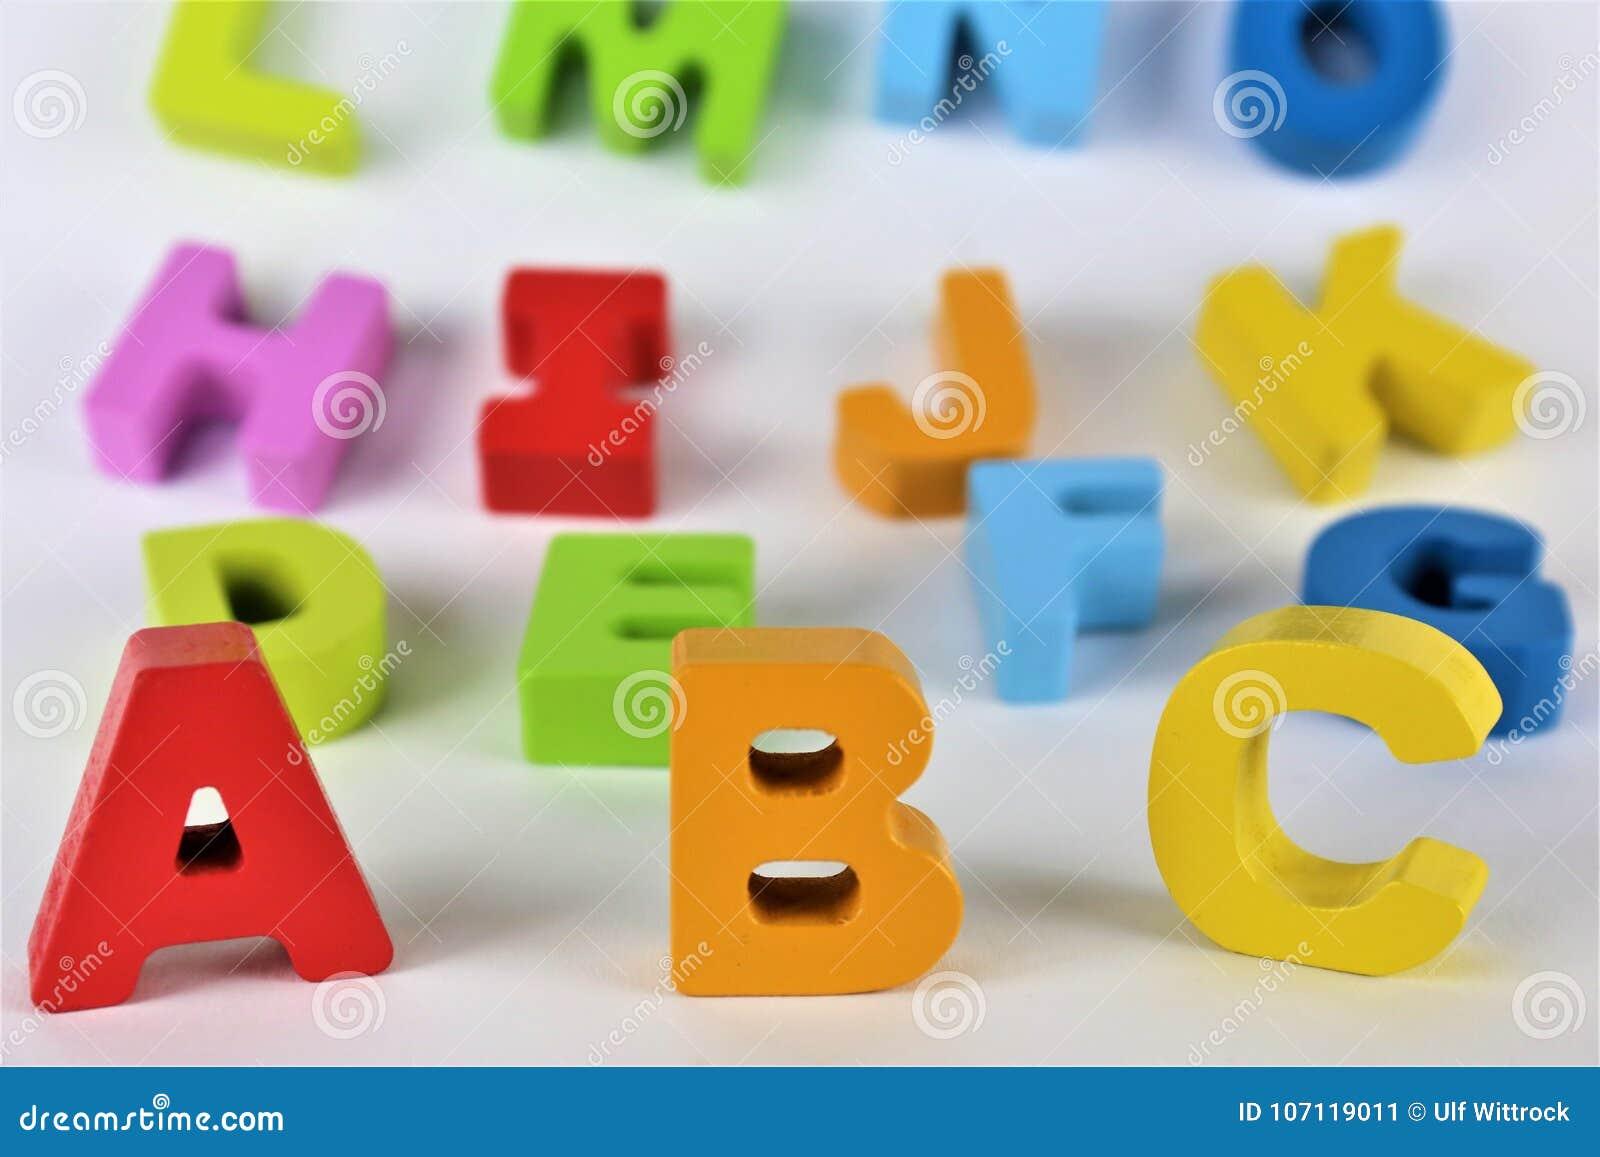 Una imagen de las letras del ABC, pre escuela, juguete, alfabeto del concepto